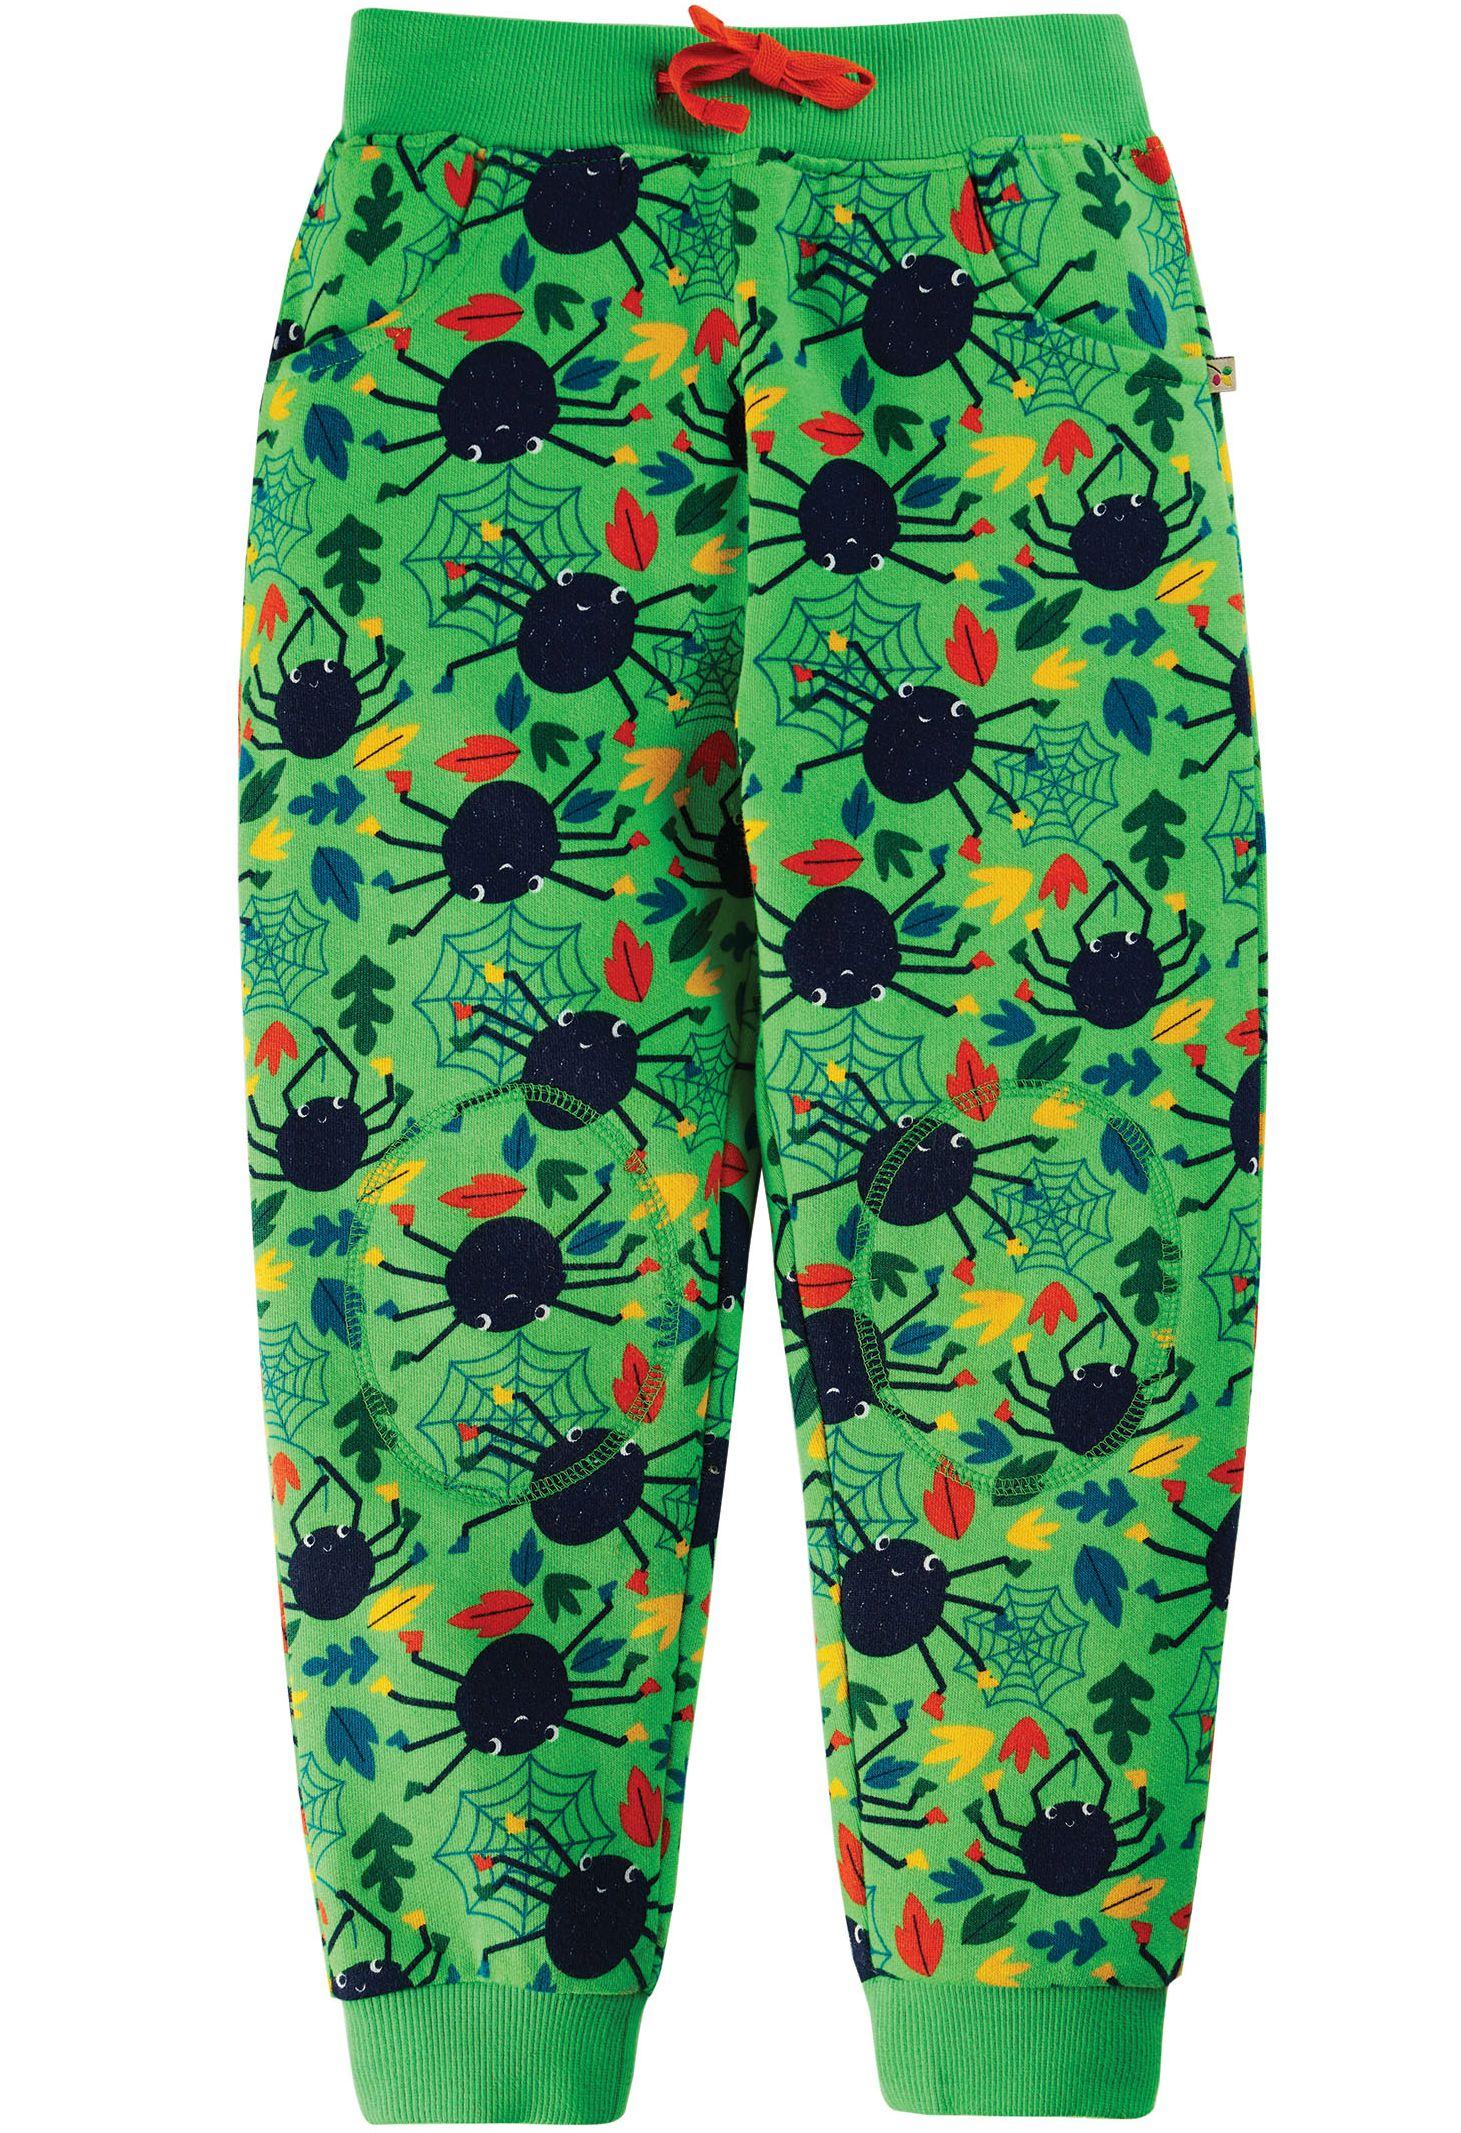 Bequeme Kinder-Hose mit Spinnen-Print